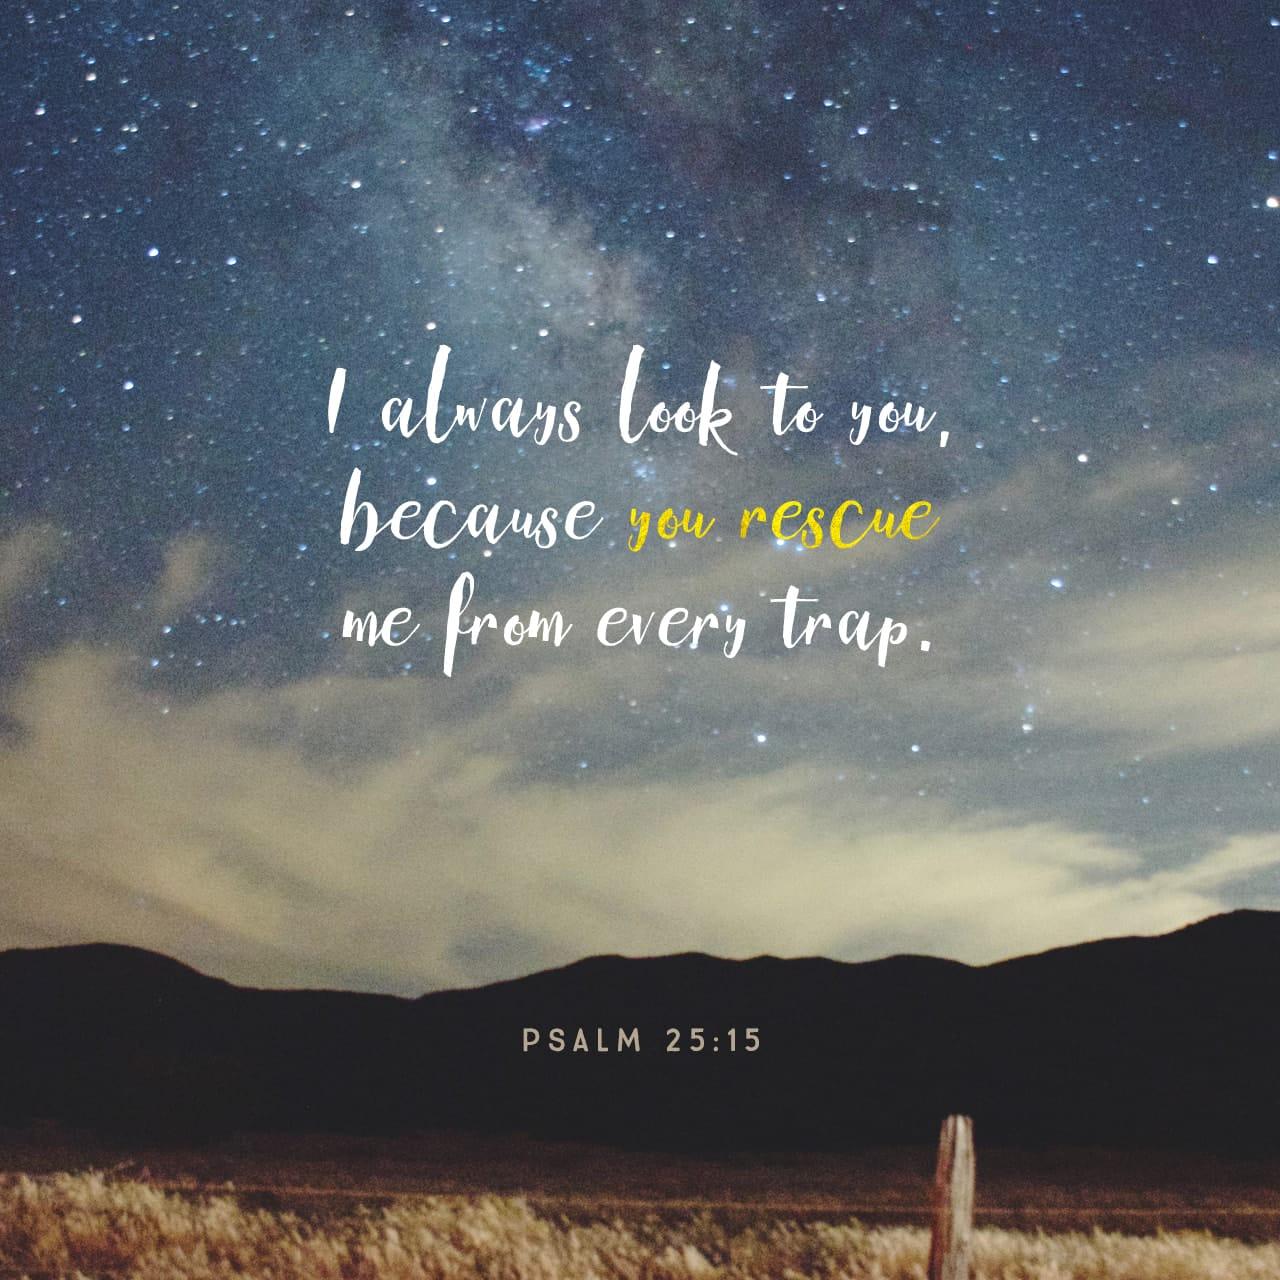 SALMOS 25:15 Mis ojos tengo siempre en el Señor, él libera mis pies de la trampa. | La Biblia Hispanoamericana (Traducción Interconfesional, versión hispanoamericana) (BHTI)